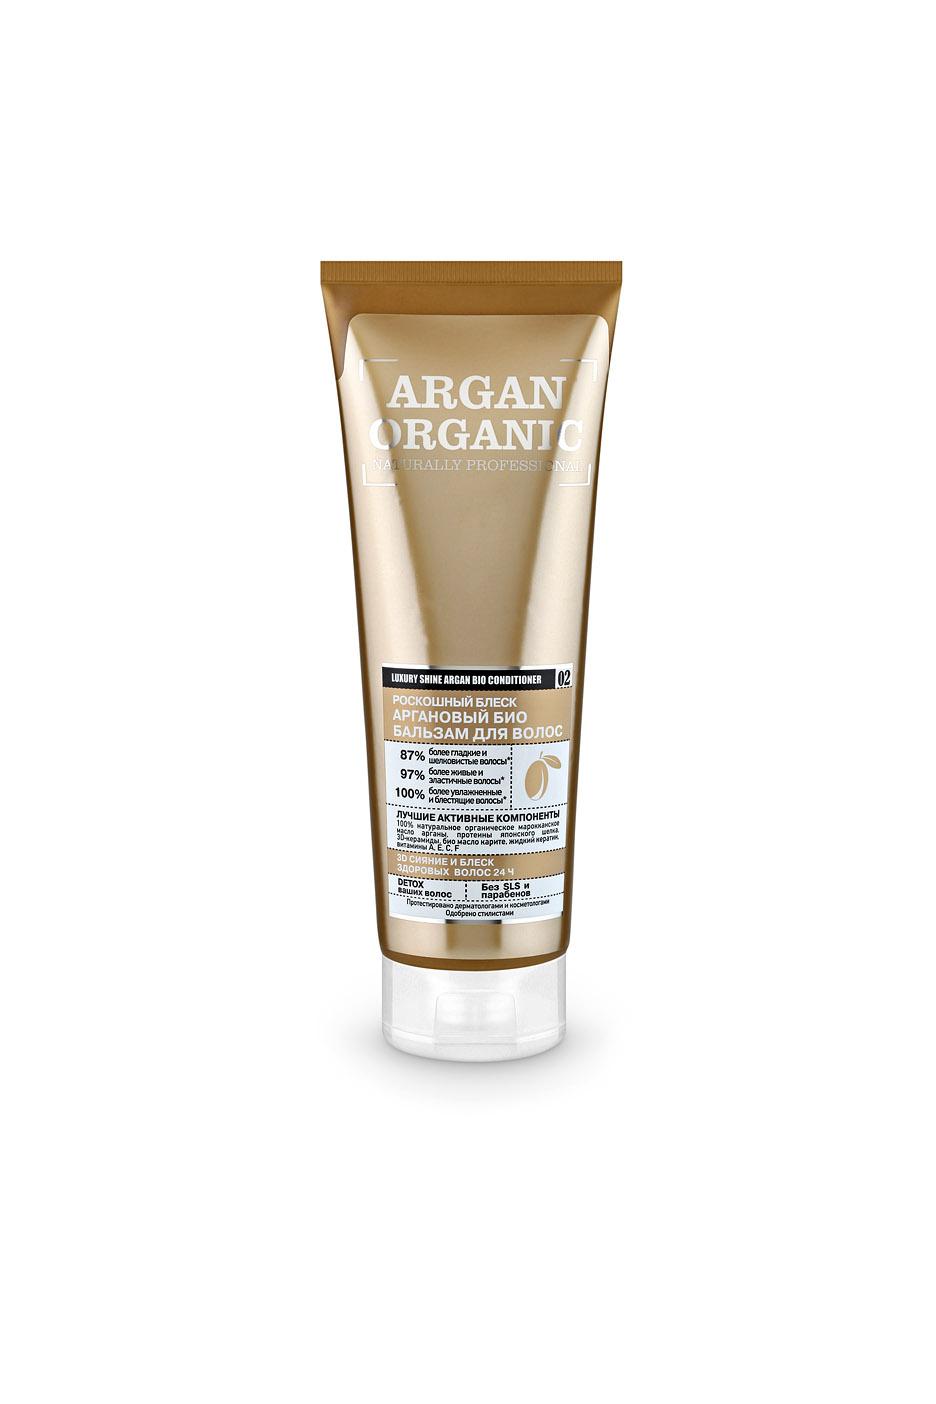 Оrganic Shop Naturally Professional Био-бальзам для волос Роскошный блеск, аргановый, 250 мл0861-1-4110100% натуральное органическое марокканское масло арганы интенсивно питает волосы, придает им зеркальный блеск и мягкость. Протеины японского шелка увлажняют и защищают волосы от пересушивания, придавая им гладкость и шелковистость. 3D-керамиды проникают внутрь волоса, предотвращая ломкость и сечение, делают волосы эластичными и упругими. Био-масло карите восстанавливает волосы по всей длине, обеспечивая надежную защиту от термо и УФ воздействий. Жидкий кератин залечивает поврежденную структуру волос и придает кристальное сияние. Товар сертифицирован.